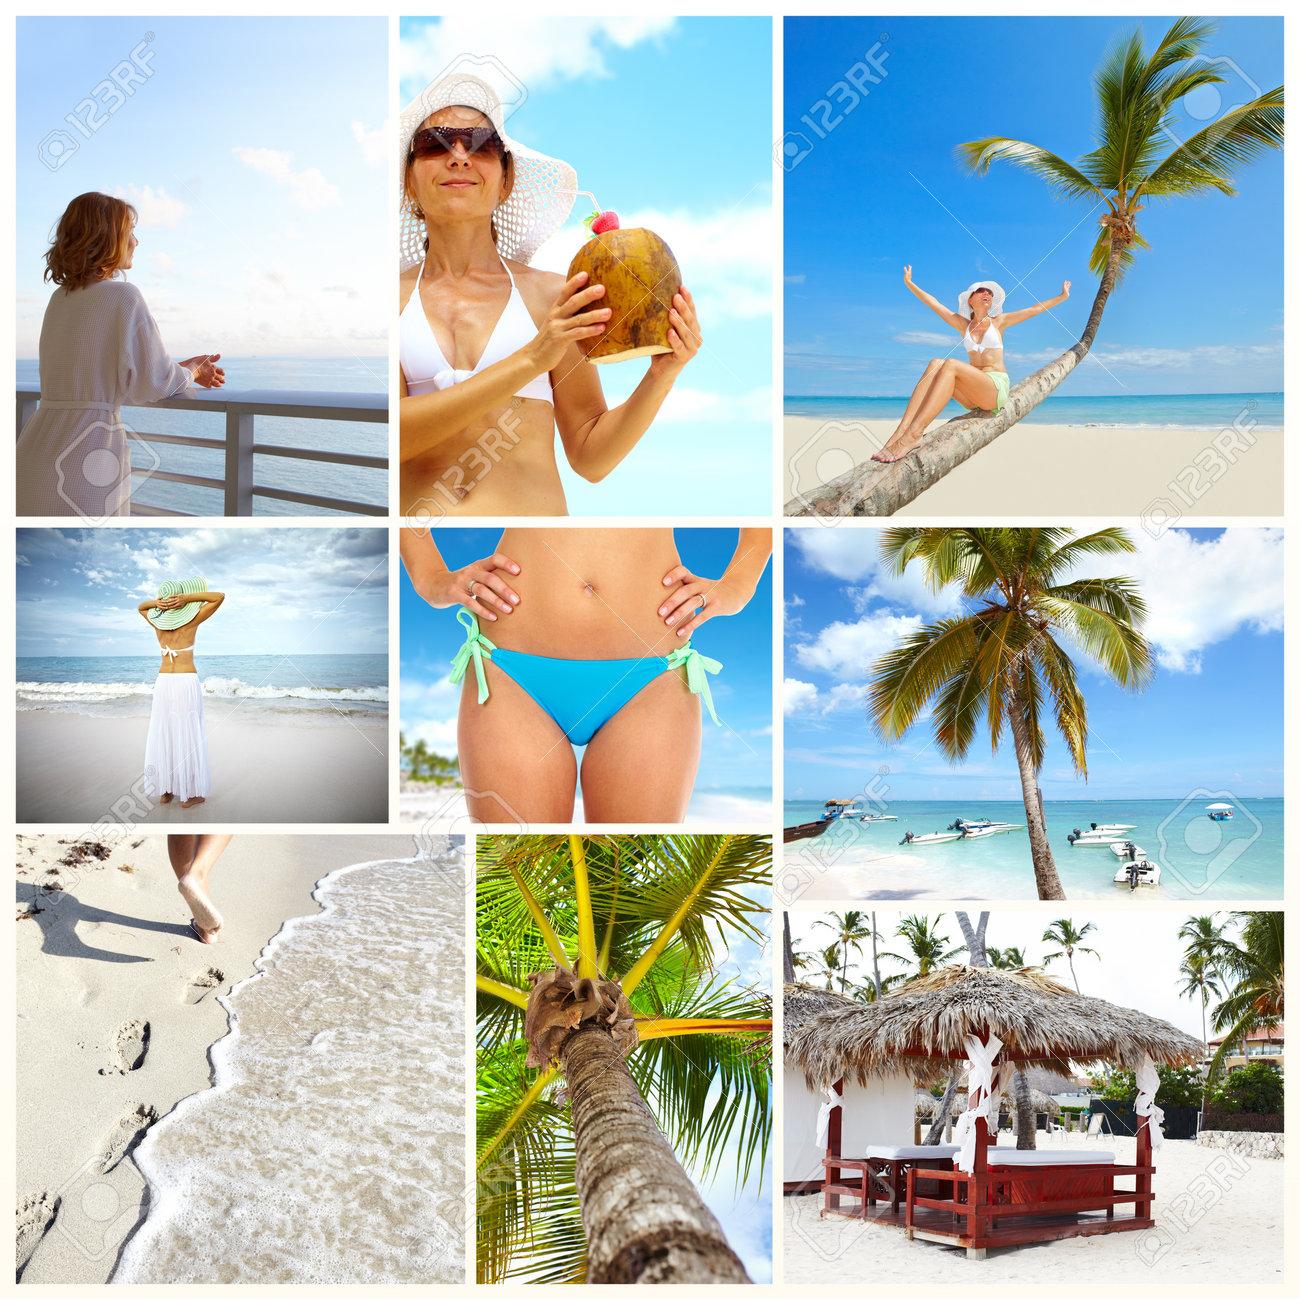 Exotic luxury resort collage Stock Photo - 17245175